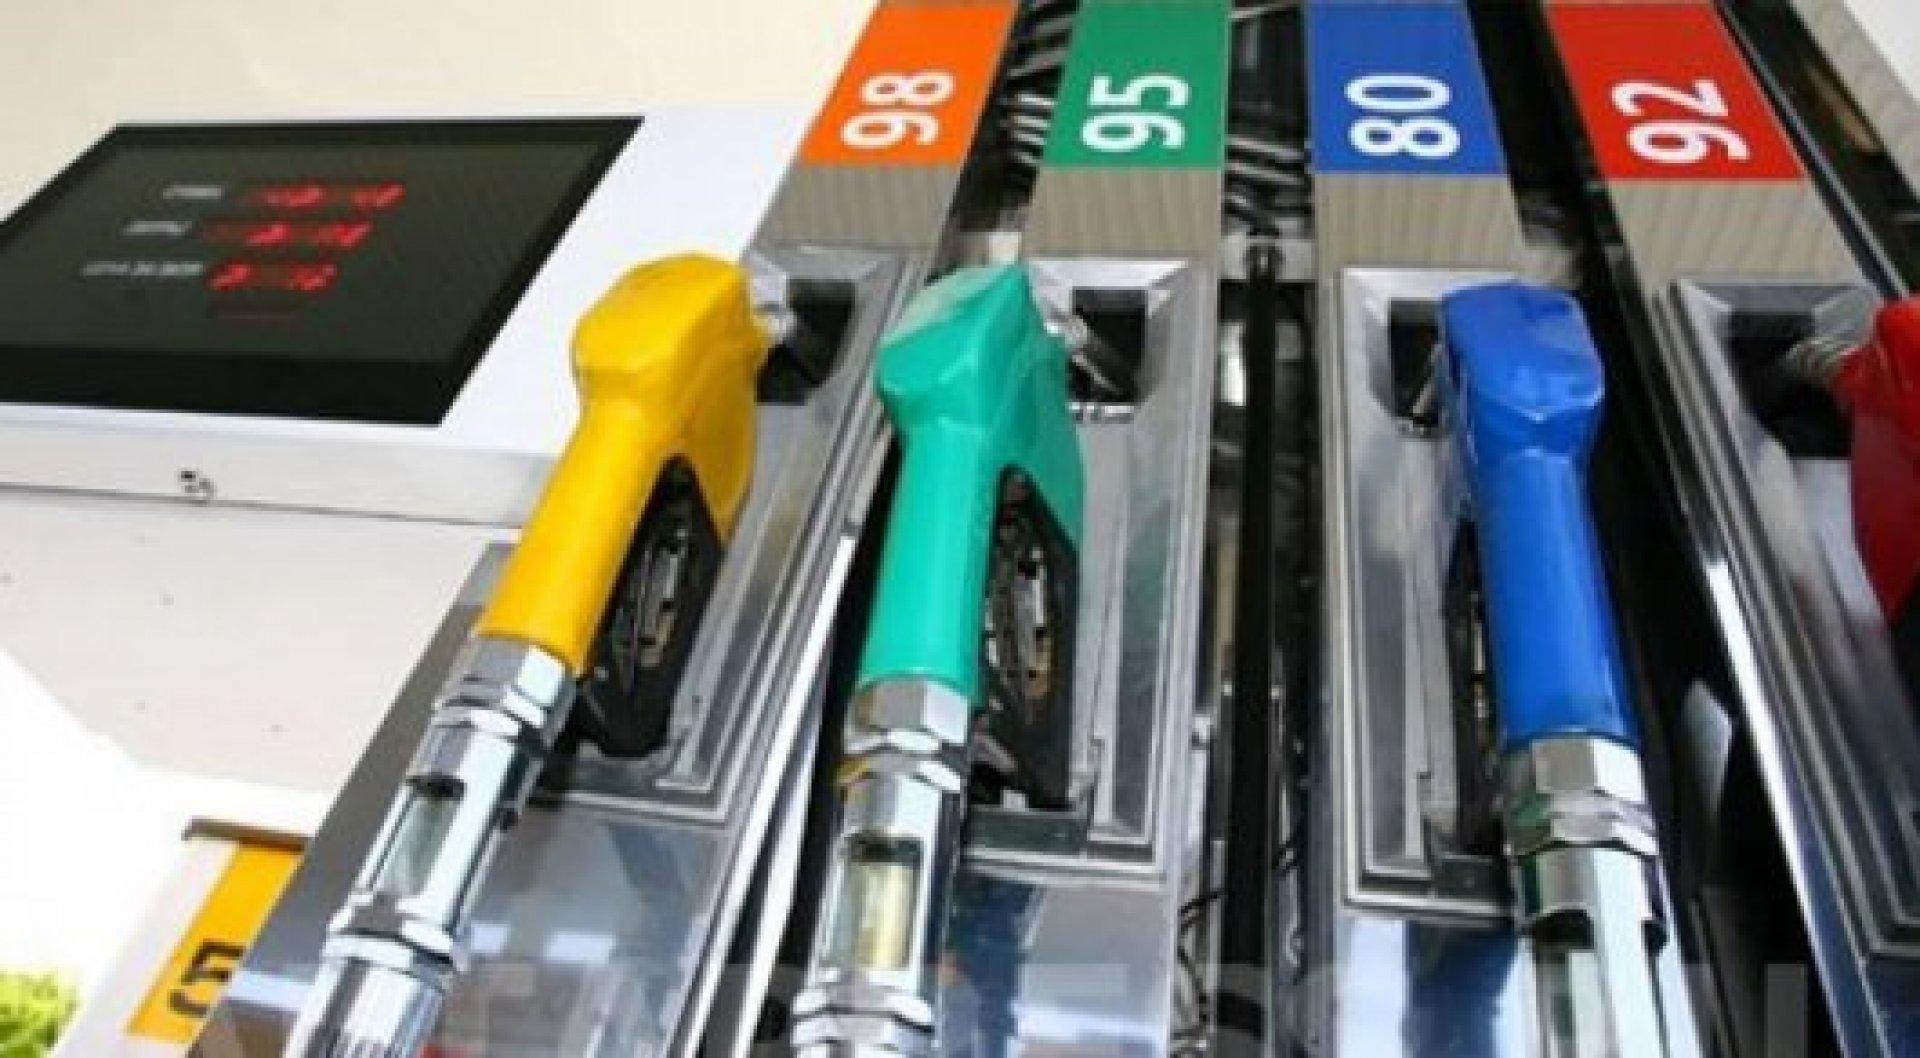 Картинки по запросу Удобные цены на топливо в Казахстане